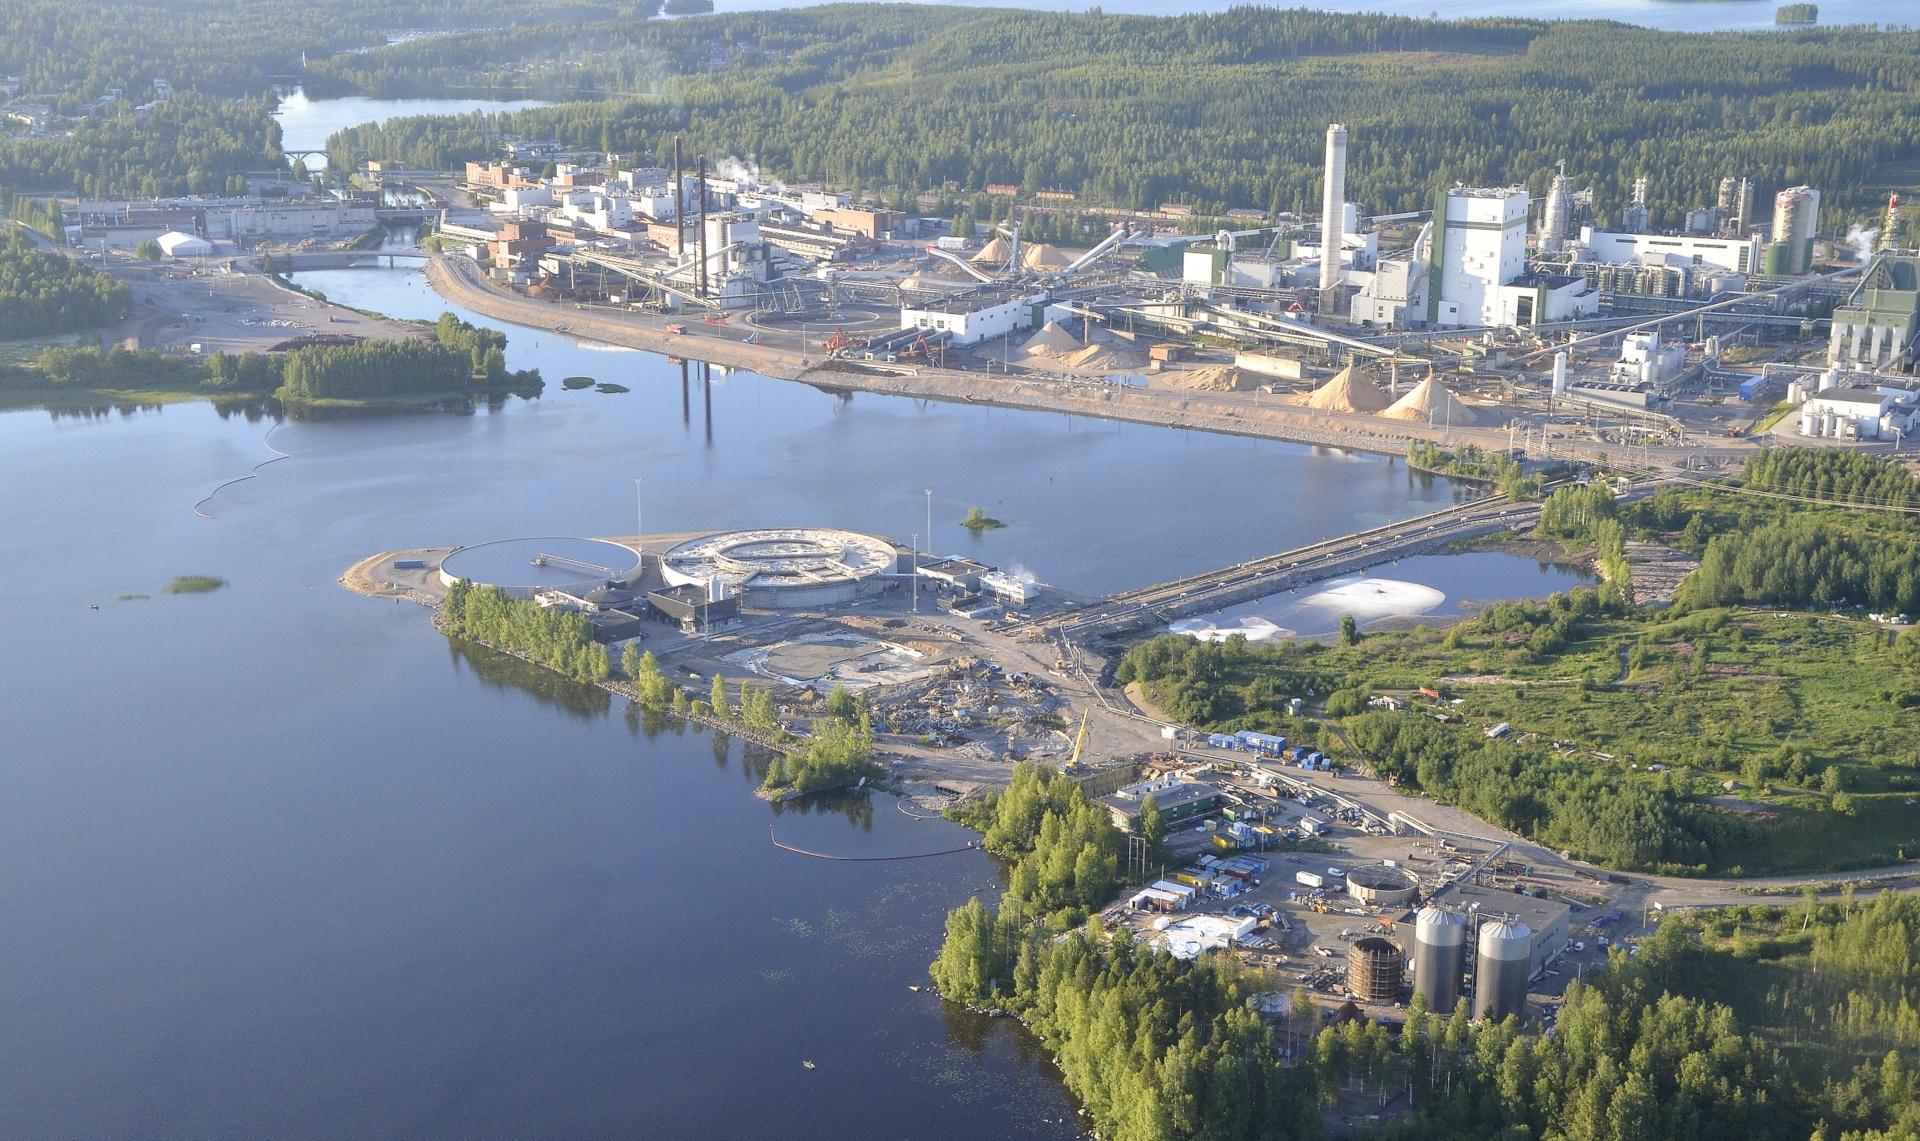 2017-07-26 Uusi jätevesipuhdistamo toiminnassa ja vanha purettu.